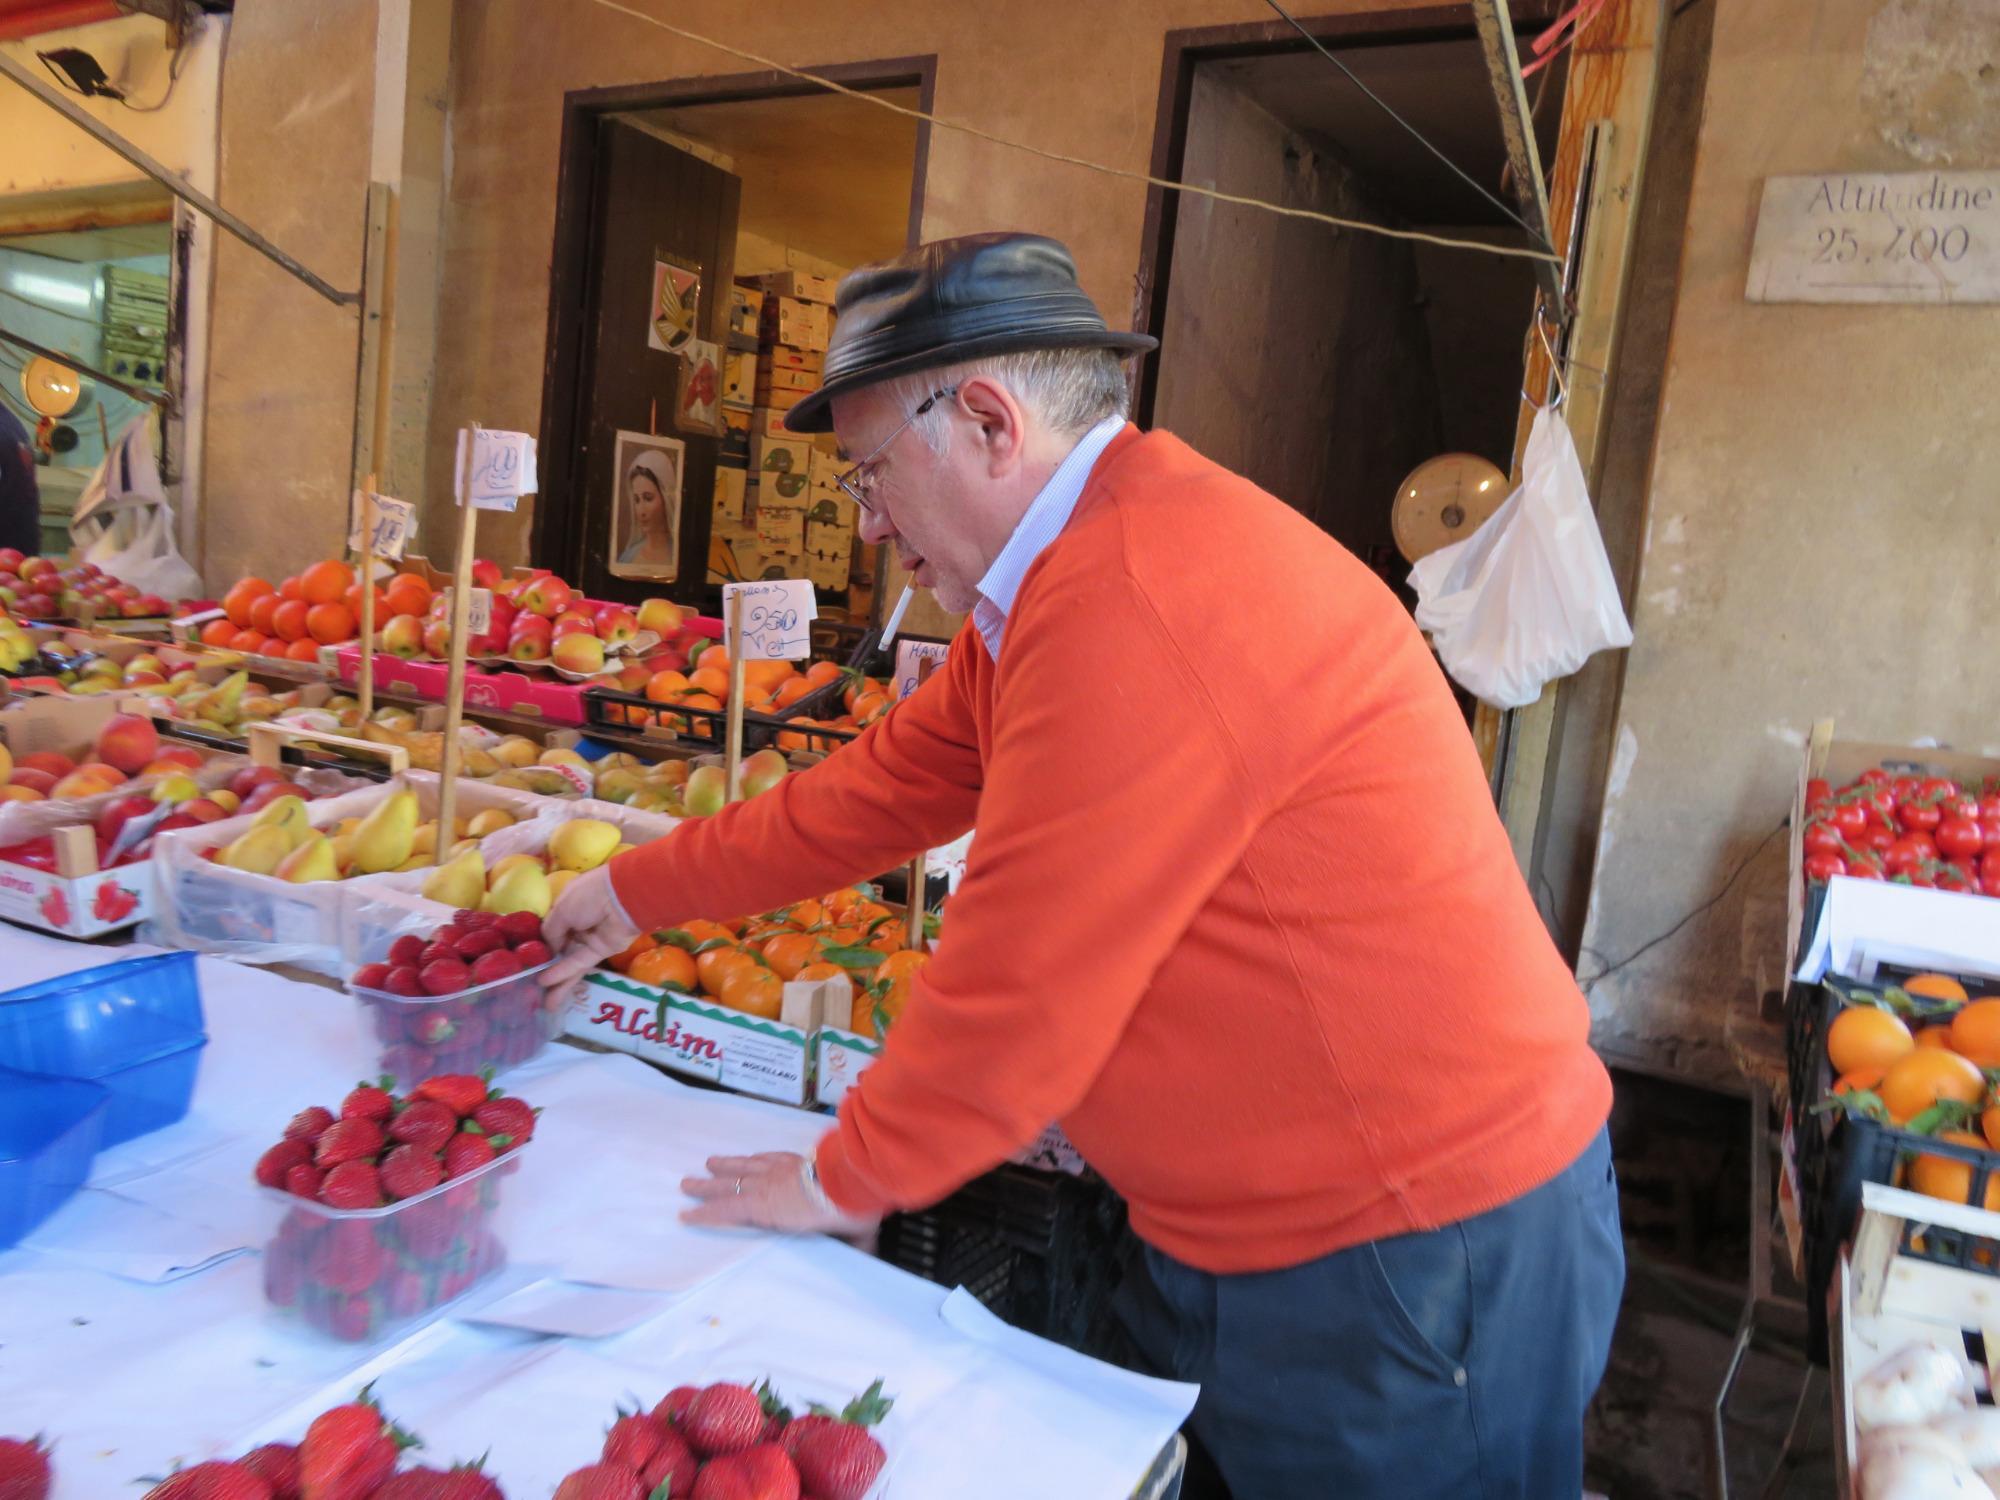 Palermo Tour Guide Jacqueline Alio - Private Tours